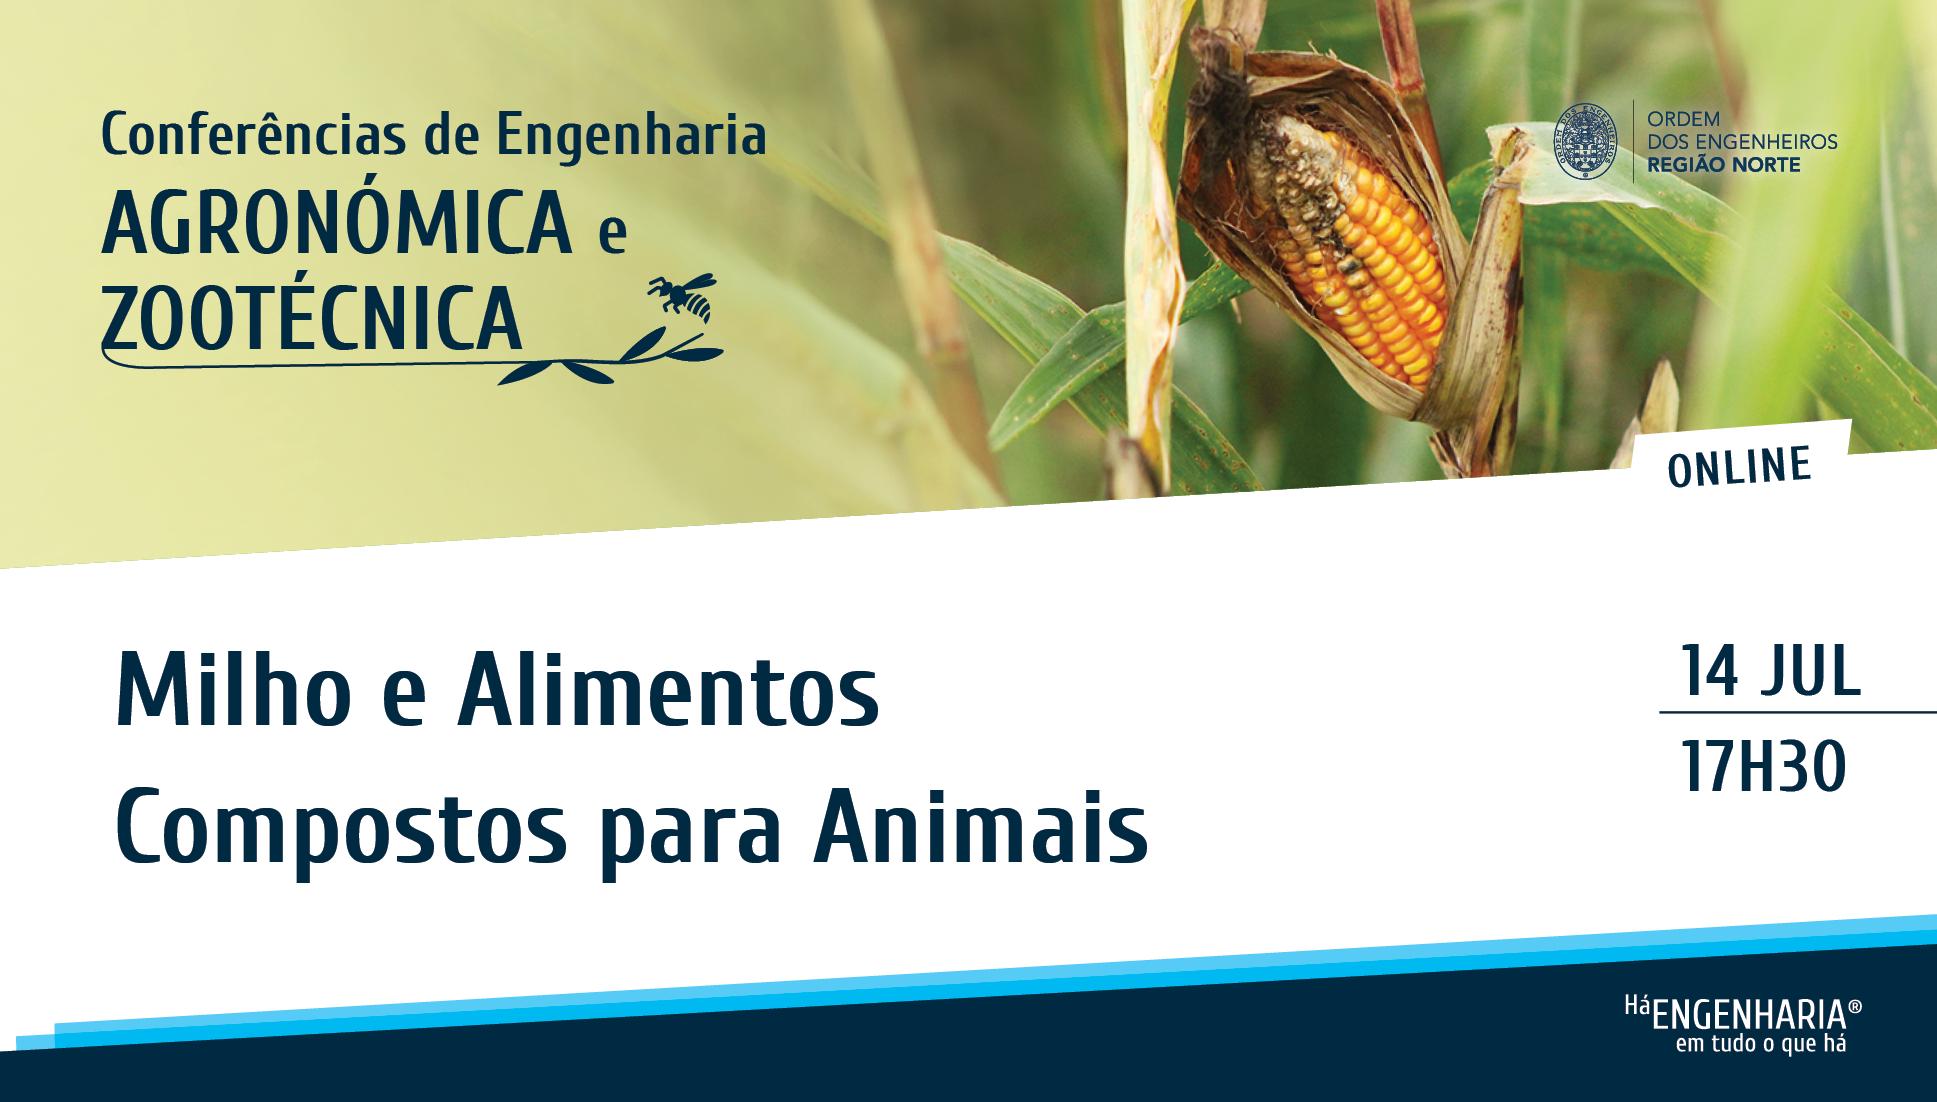 Plataforma Notícias Ordem Engenheiros Região Norte - Milho e Alimentos Compostos para Animais